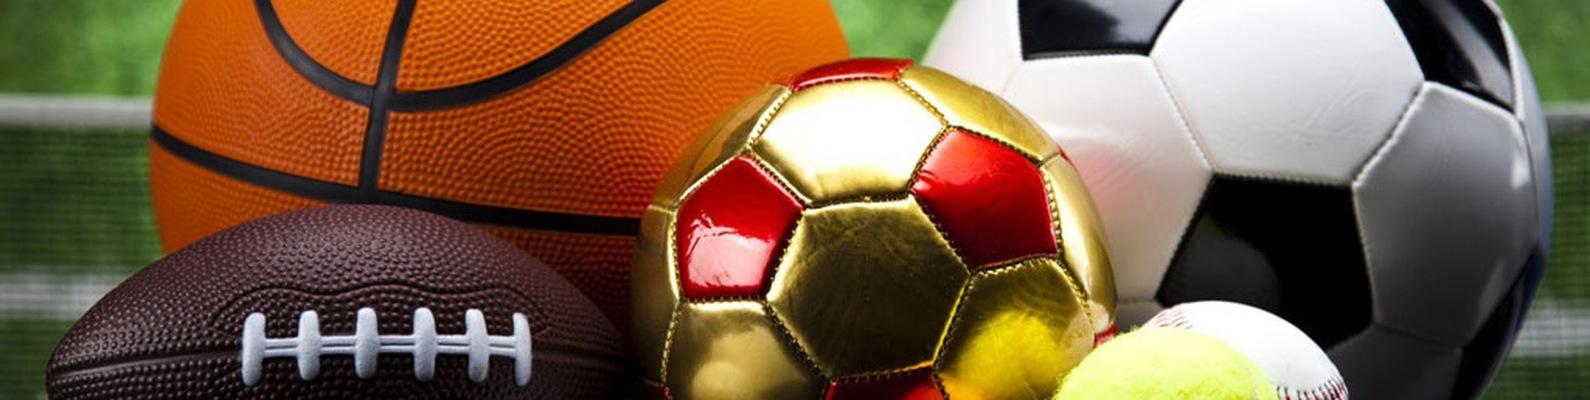 Ставки на спорт прогнозы футбол всё сегодня